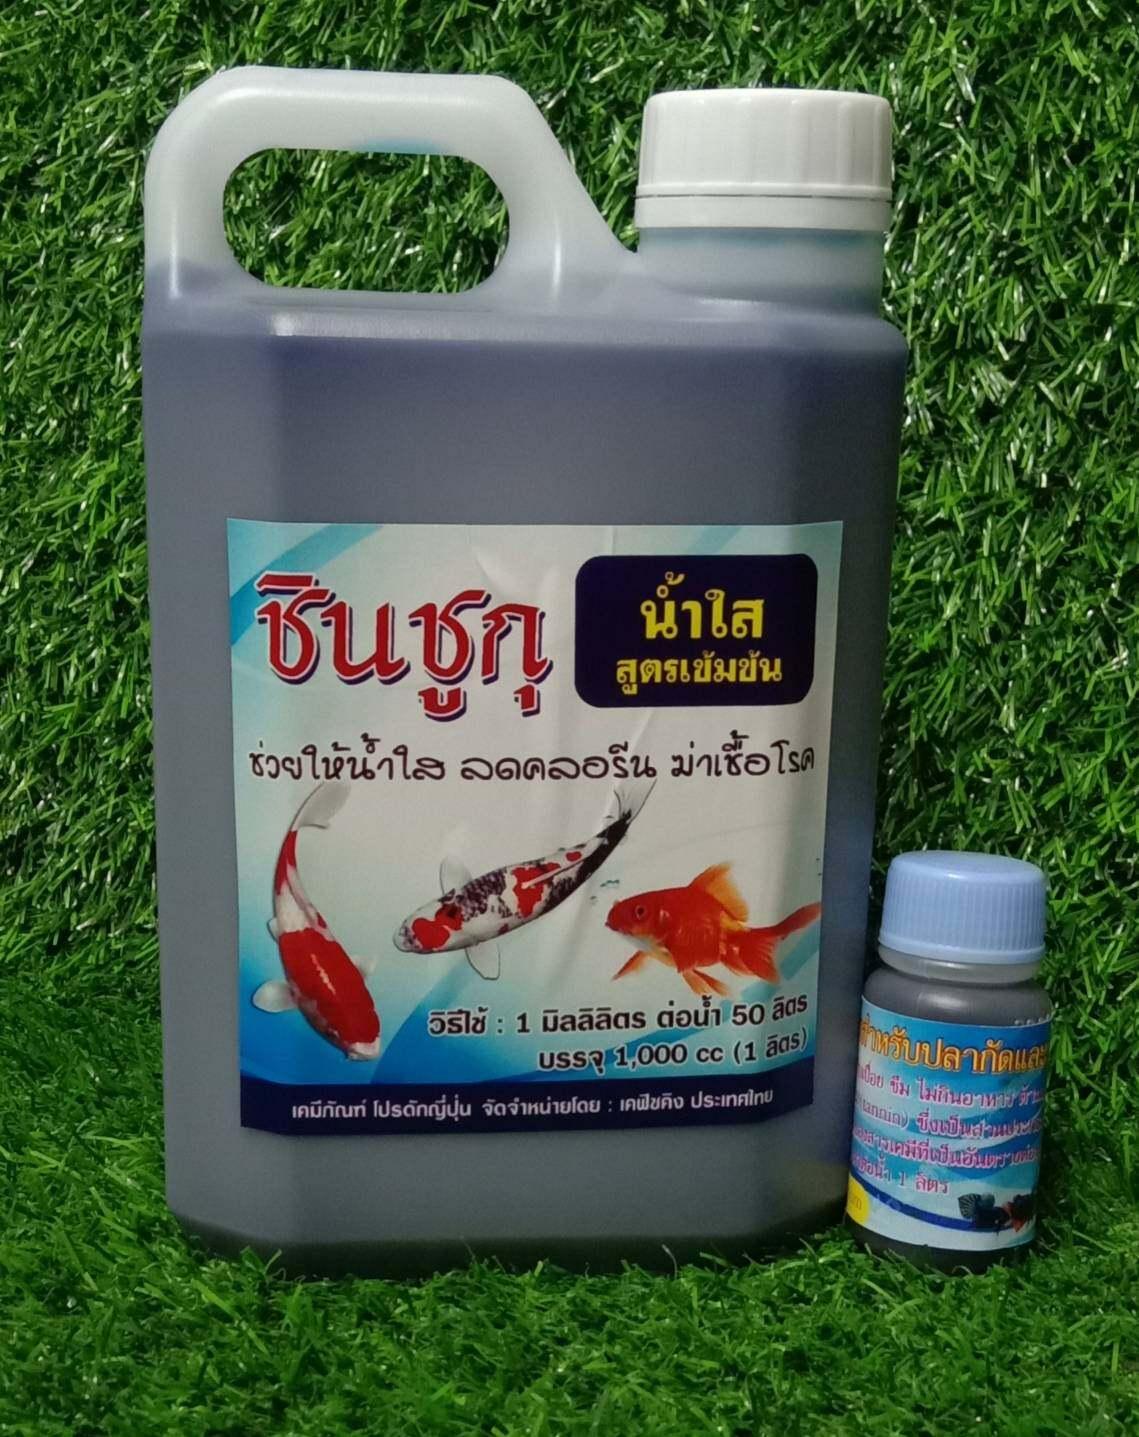 1แถม1 ชินจูกุปรับสภาพน้ำใส บรรจุ 1 ลิตร ช่วยน้ำใส ลดคลอรีน ป้องกันเชื้อโรค ฟรีน้ำหมักสมุนไพร